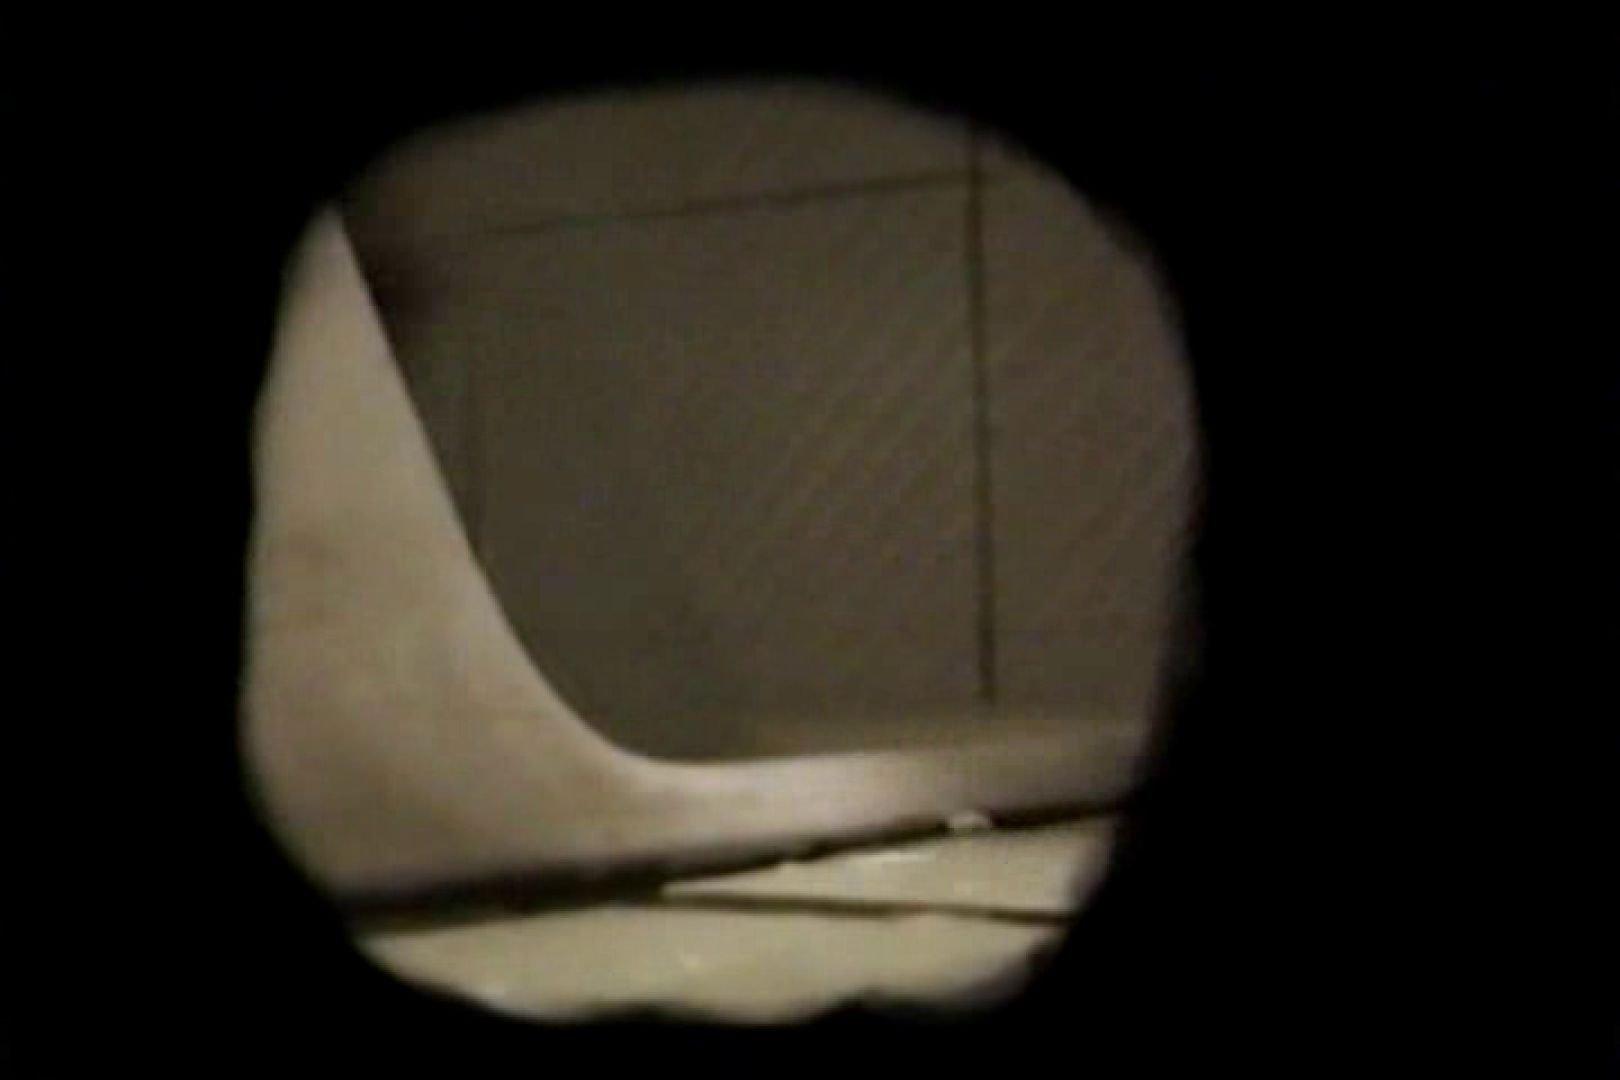 盗撮 女子洗面所3ヶ所入ってしゃがんで音出して 洗面所 盗み撮りAV無料動画キャプチャ 67pic 35